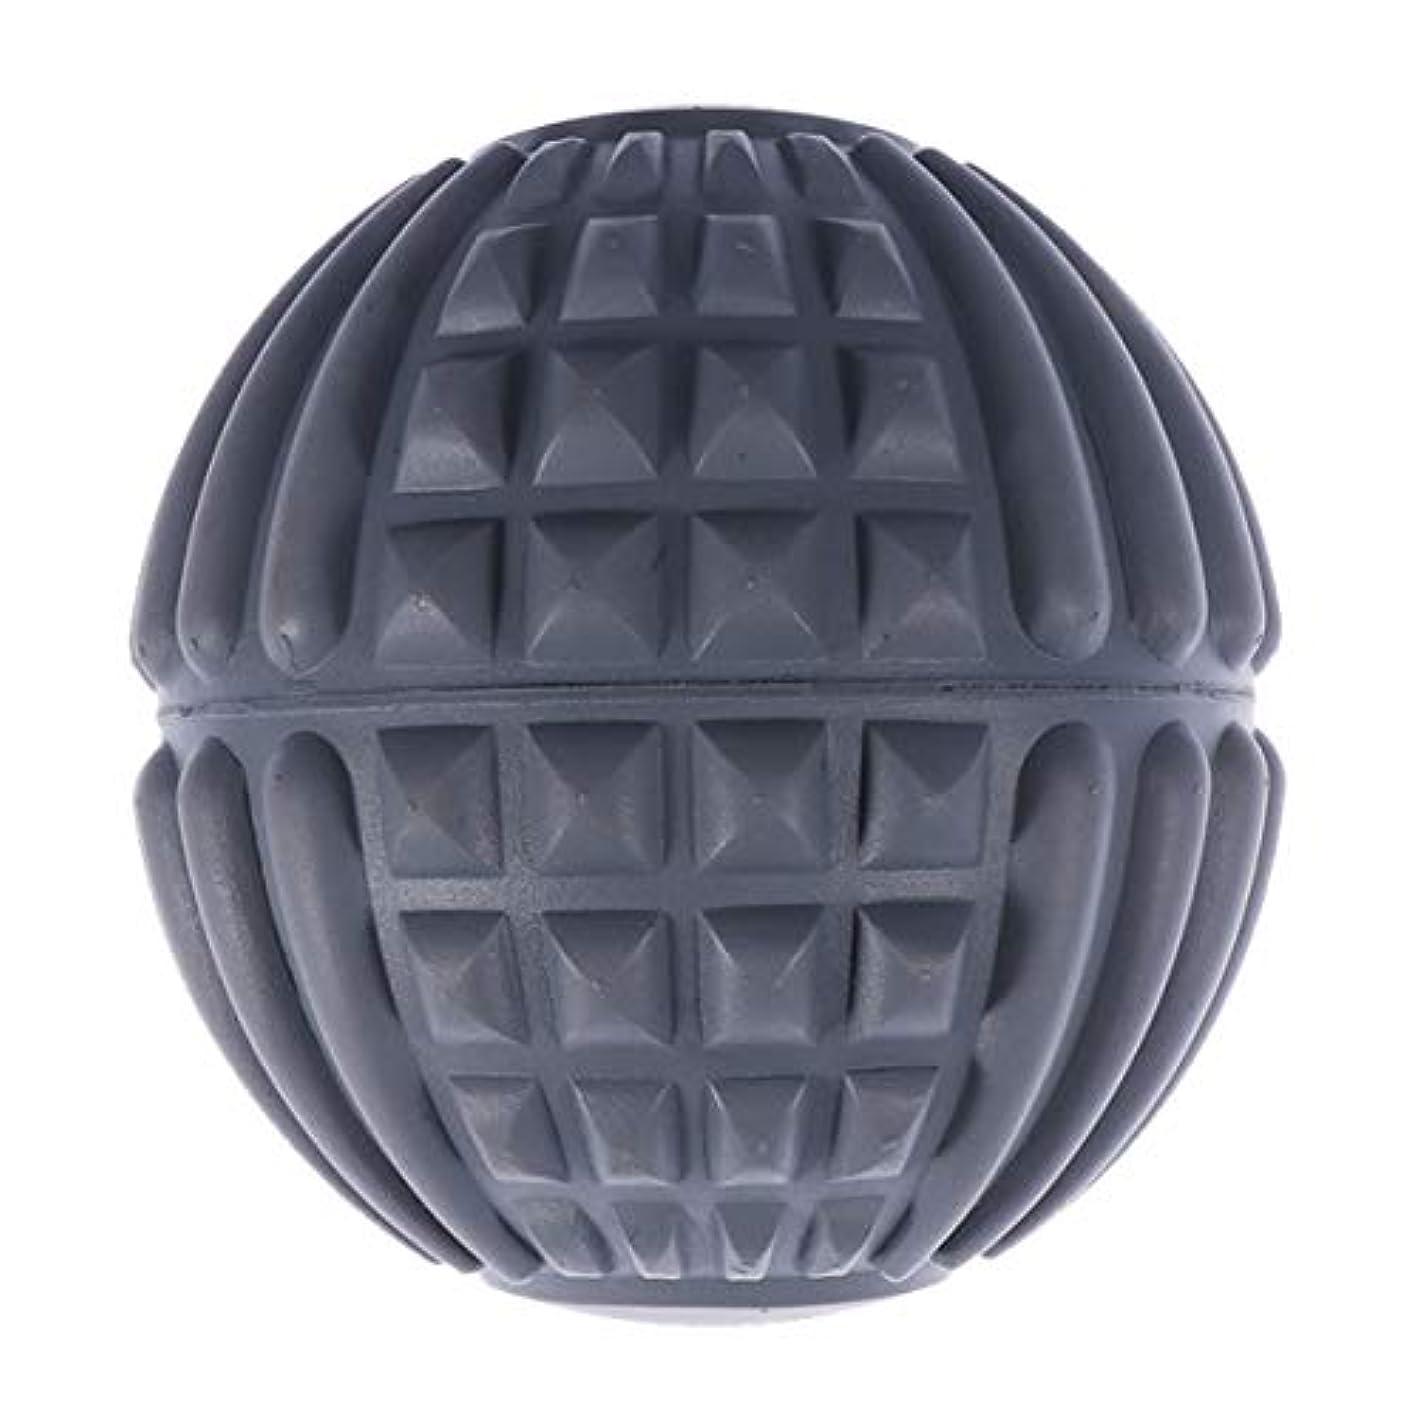 近似ありふれた分類SUPVOX マッサージボールフットマッサージャーディープティッシュボールハードヨガボール筋肉crossfitモビリティ足底筋膜炎